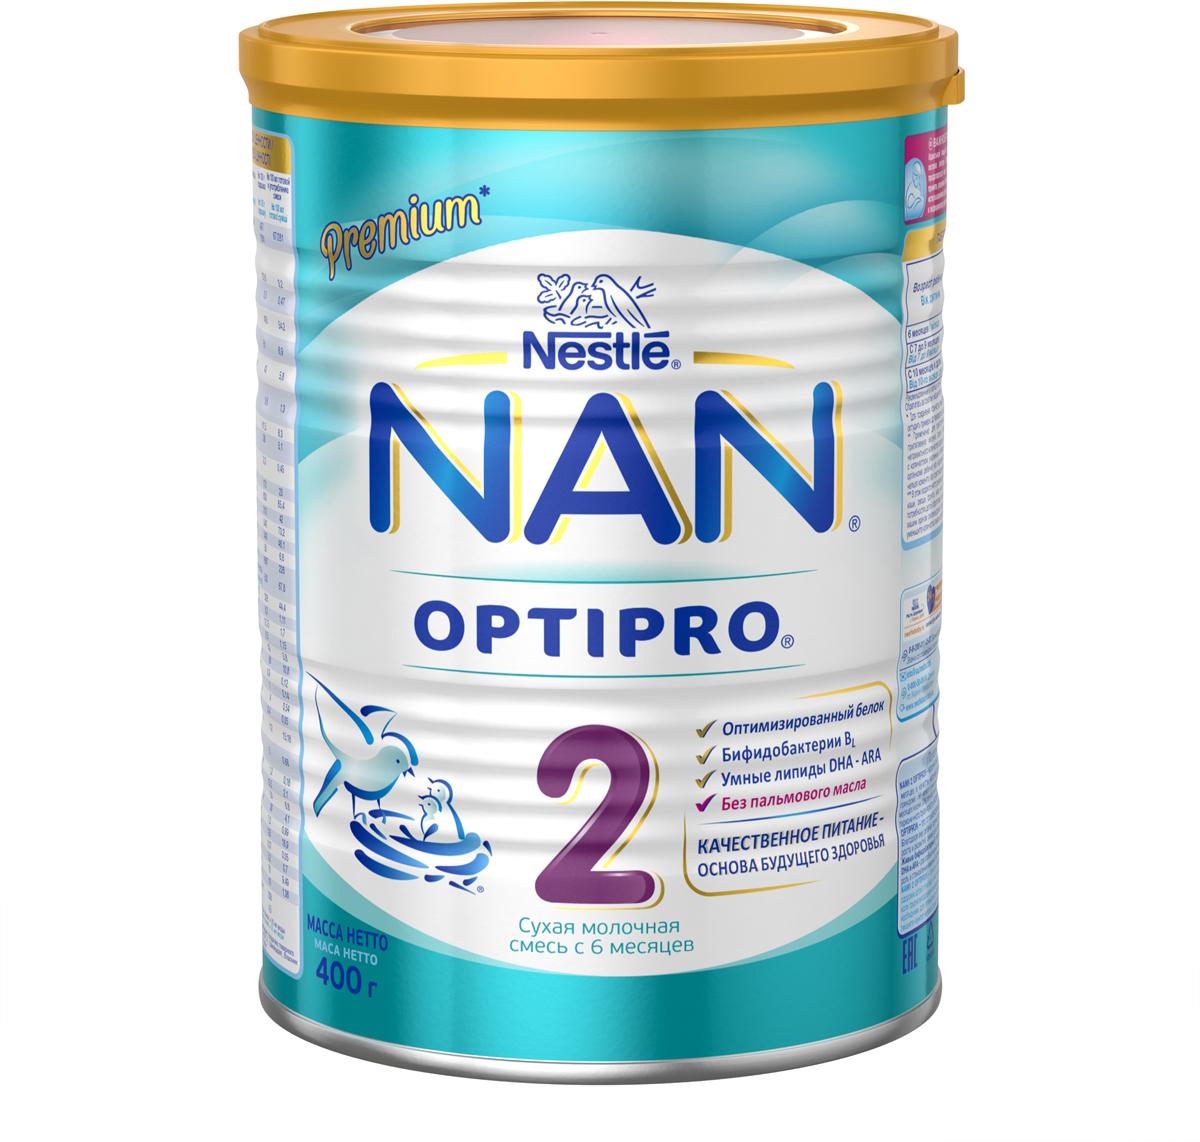 NAN 2 OPTIPRO смесь молочная, с 6 месяцев, 400 г12297775Знаете ли вы, что белок определяет здоровье вашего ребенка на всю жизнь?Научно доказано, что белок - один из самых важных нутриентов для роста и развития вашего ребенка, включая формирование мозга, мыщечной ткани и других органов. Качество и